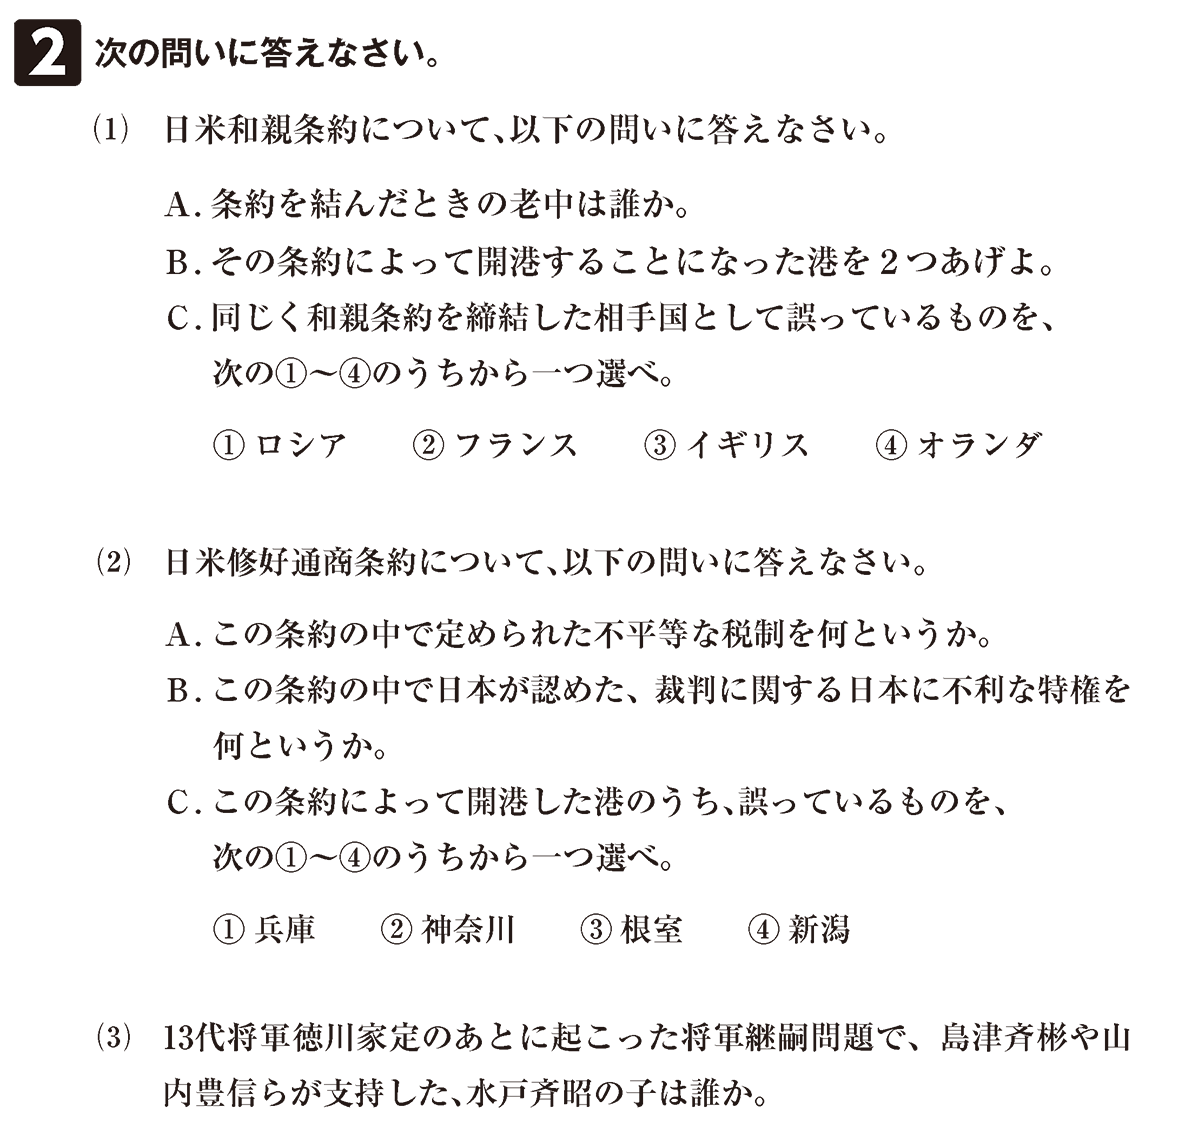 近代03 問題2 カッコ空欄